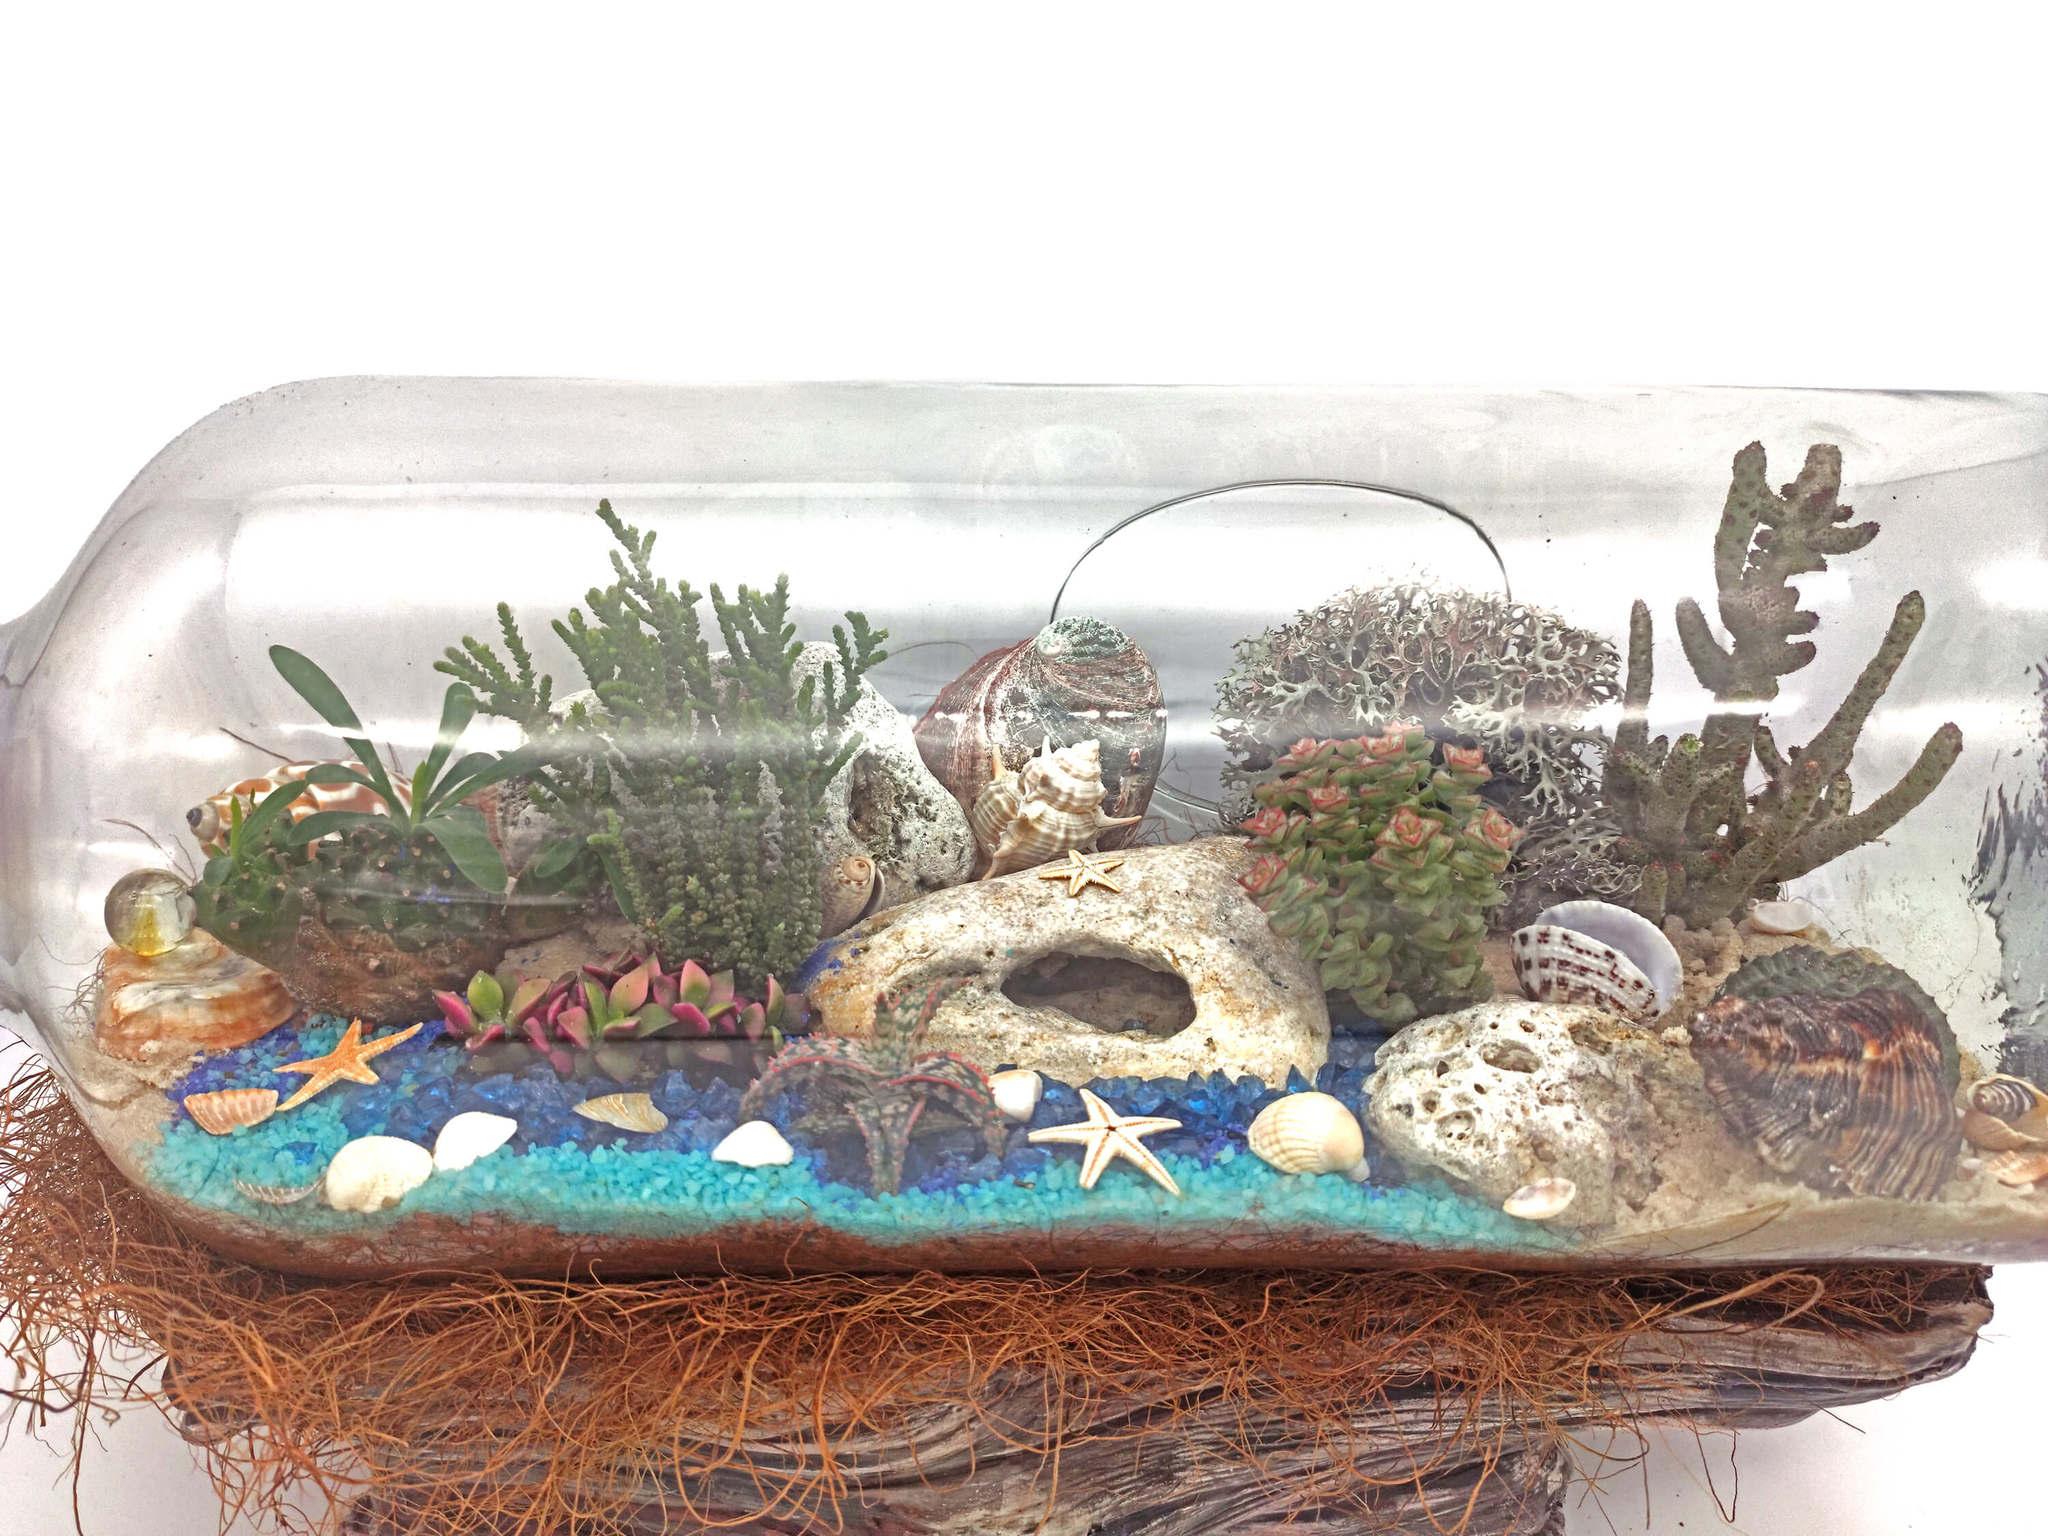 Остров погибших кораблей - композиция из живых суккулентов в банке (фотография 2)